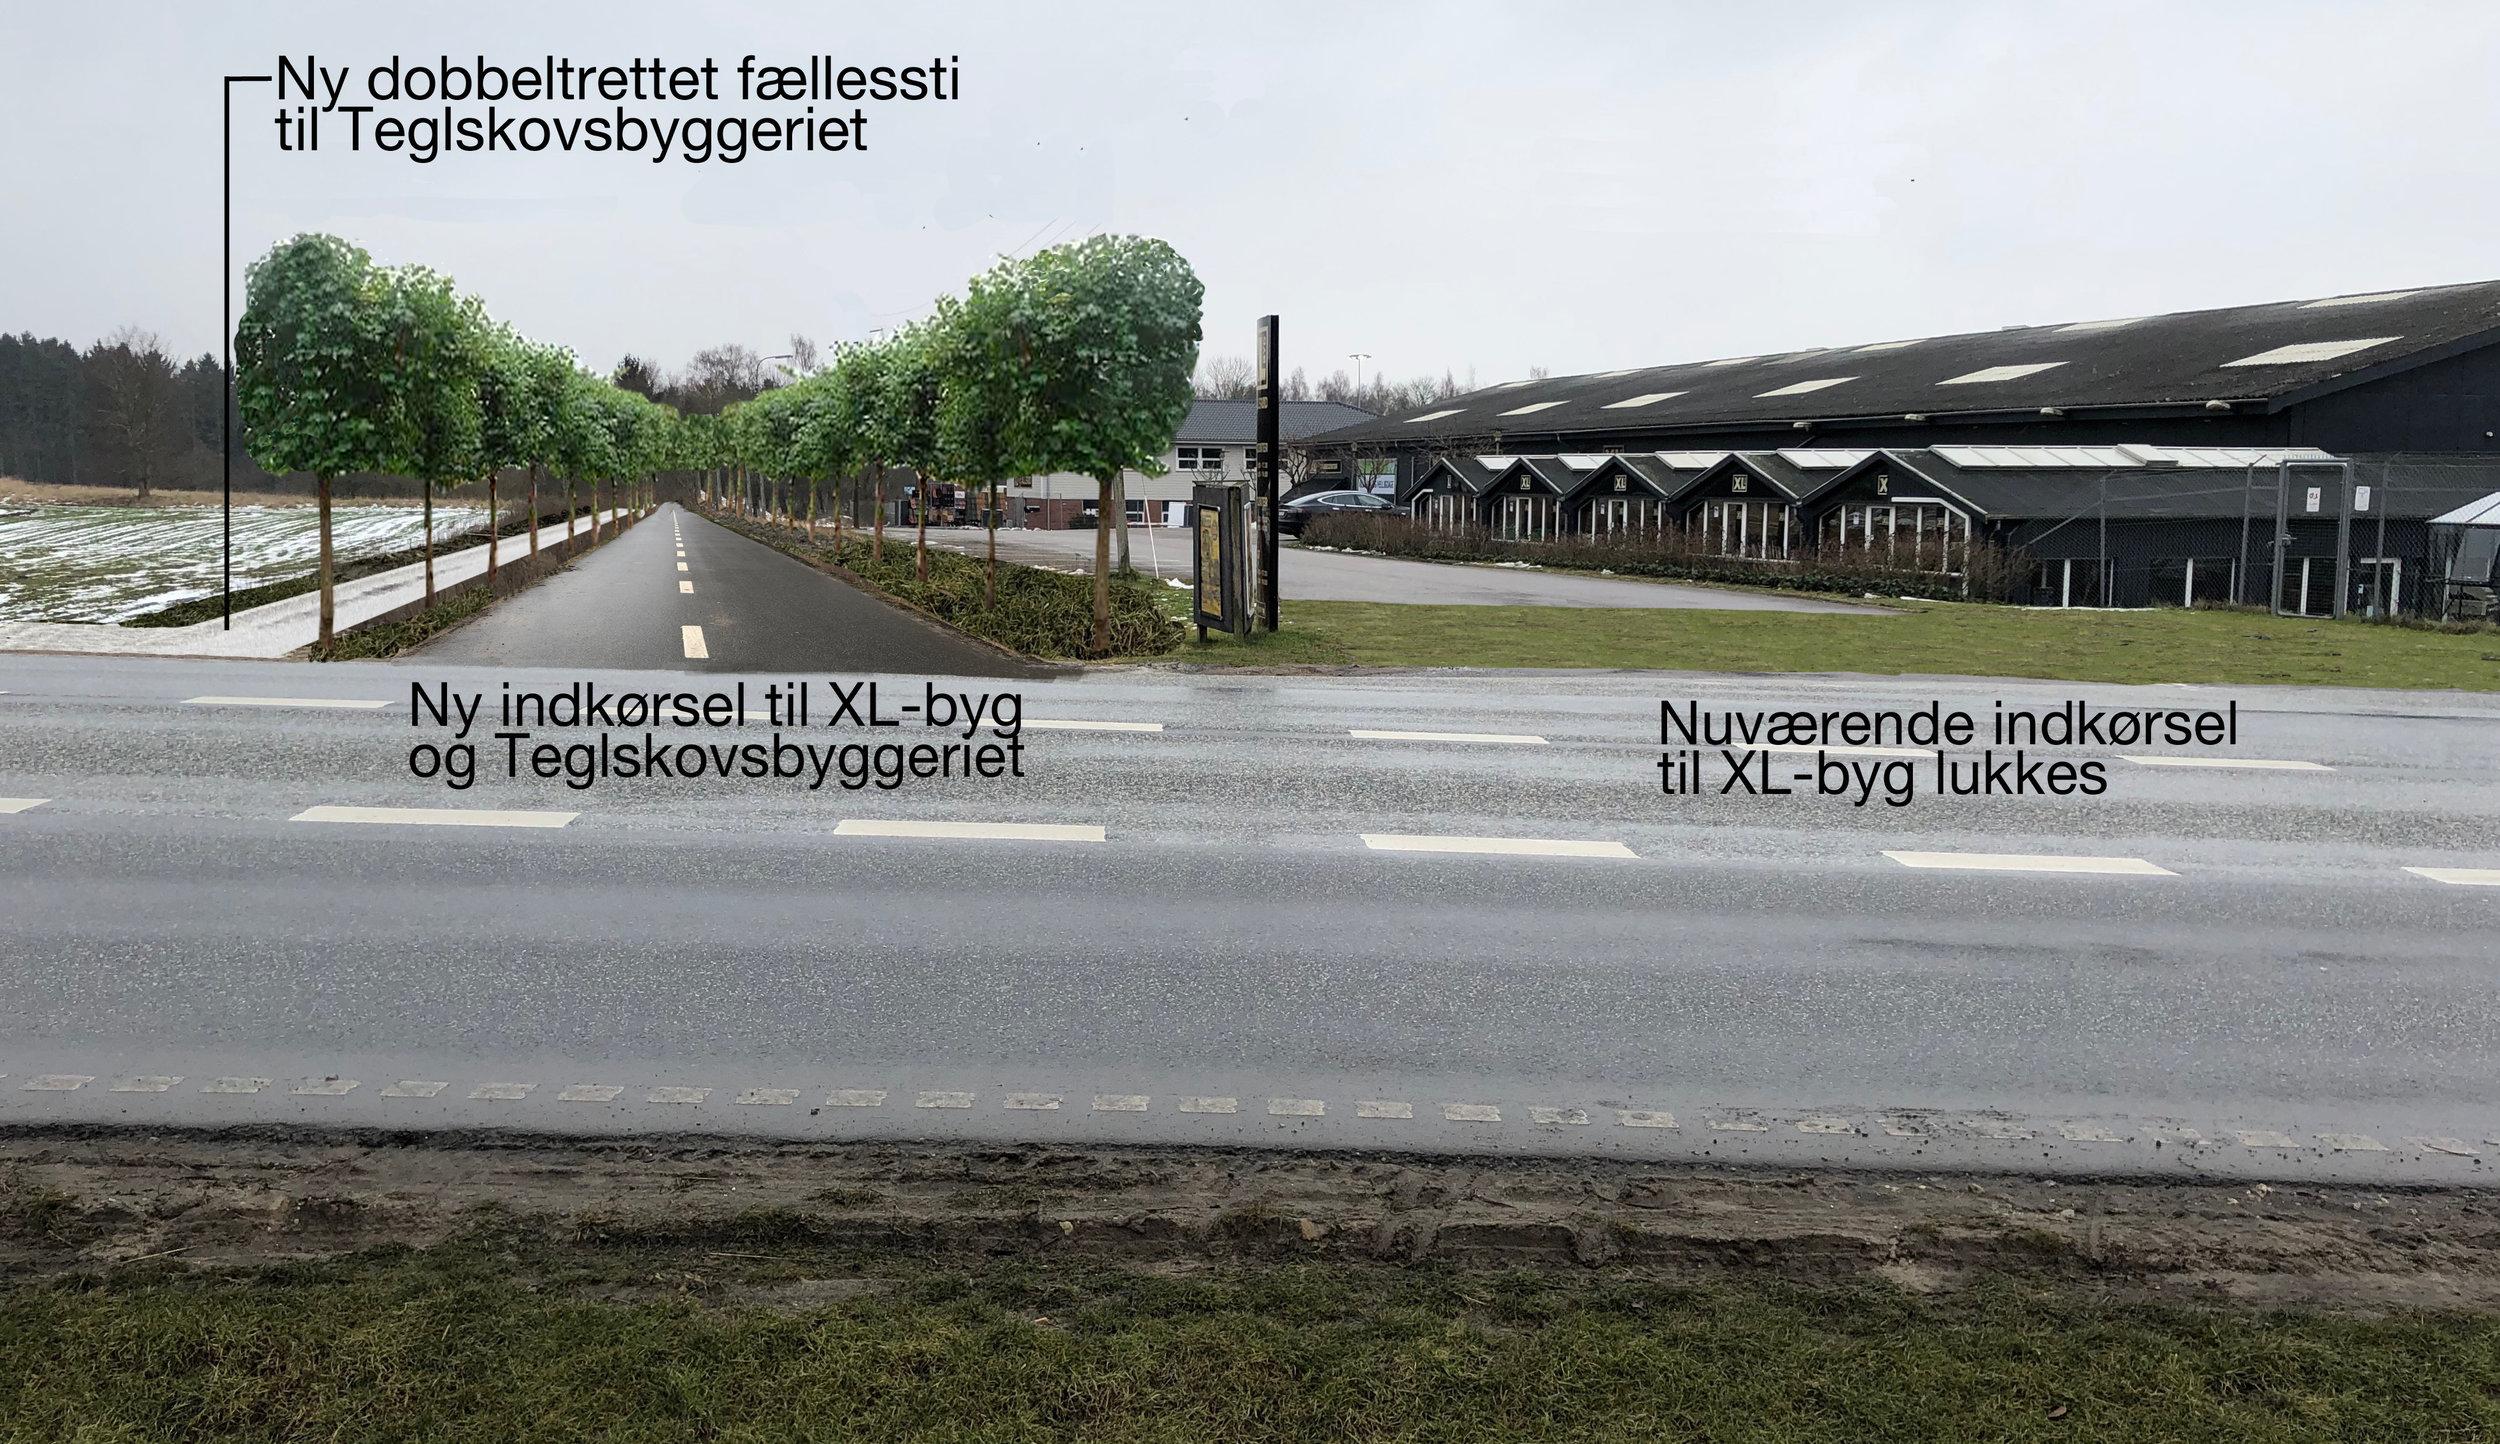 Som det fremgår af ovenstående manipulerede foto, lukkes den nuværende indkørsel til XL-byg, og der etableres en ny indkørsel lige øst for med adgang til XL-byg og det fremtidige Teglskovs-byggeri. Spørgsmålet er, om fællesstien bliver sparet væk? Illustration: AOB